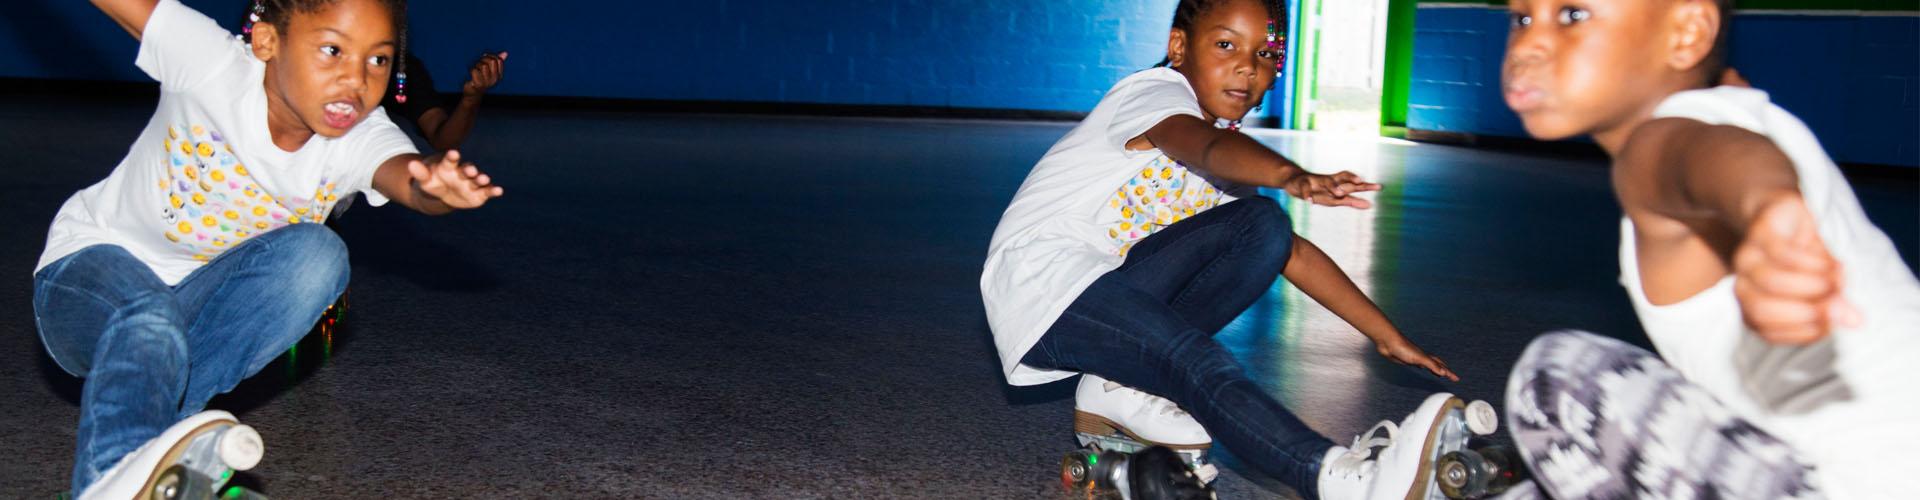 Argumentative essay roller skating rink